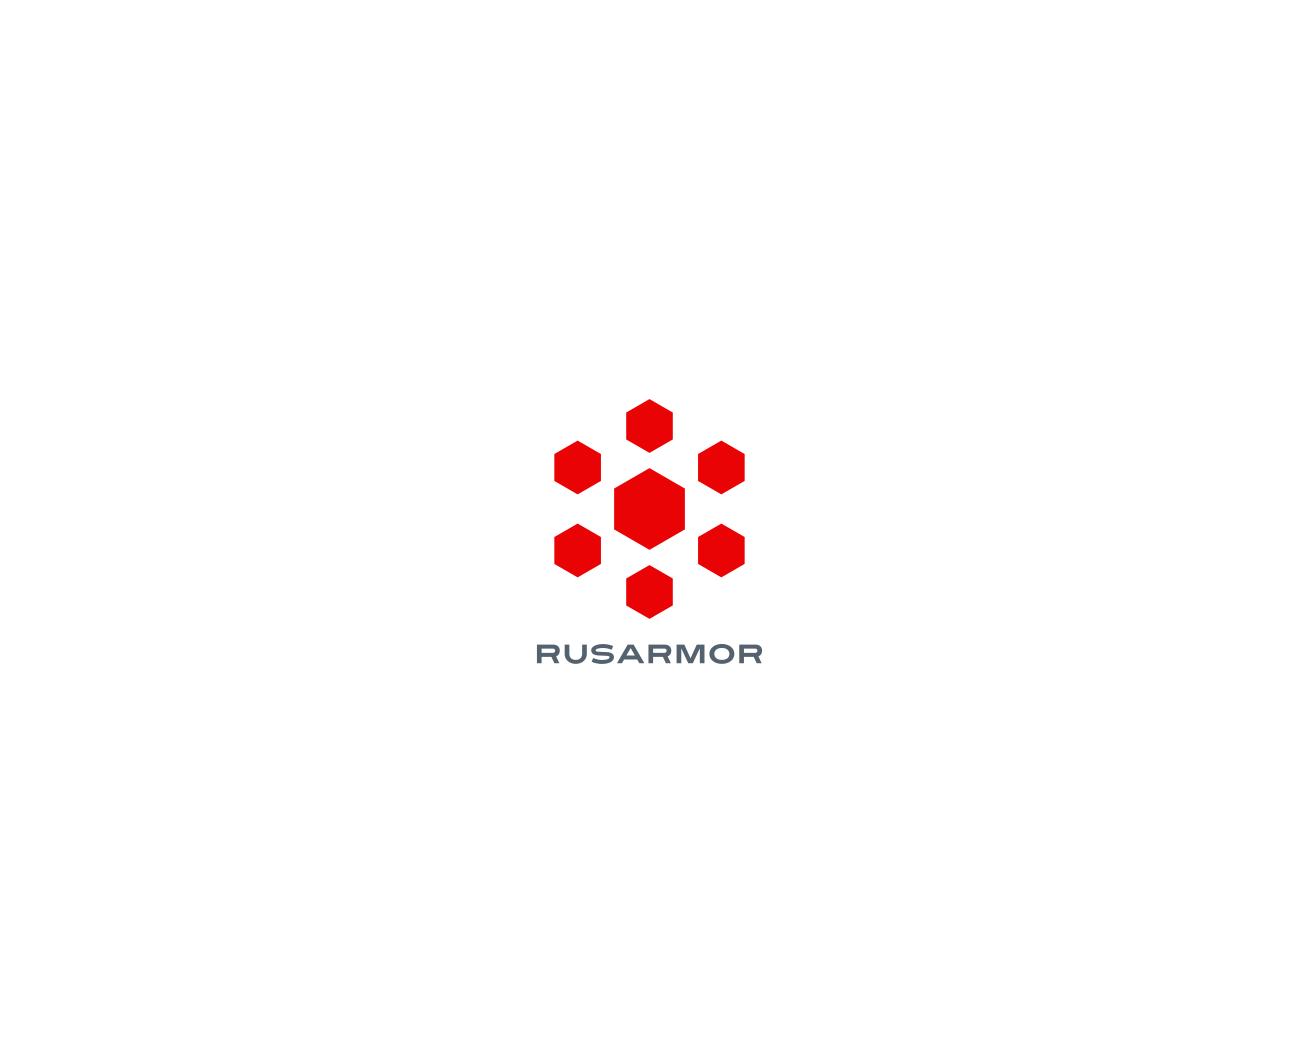 Разработка логотипа технологического стартапа РУСАРМОР фото f_2895a0e26aa1dcaa.png